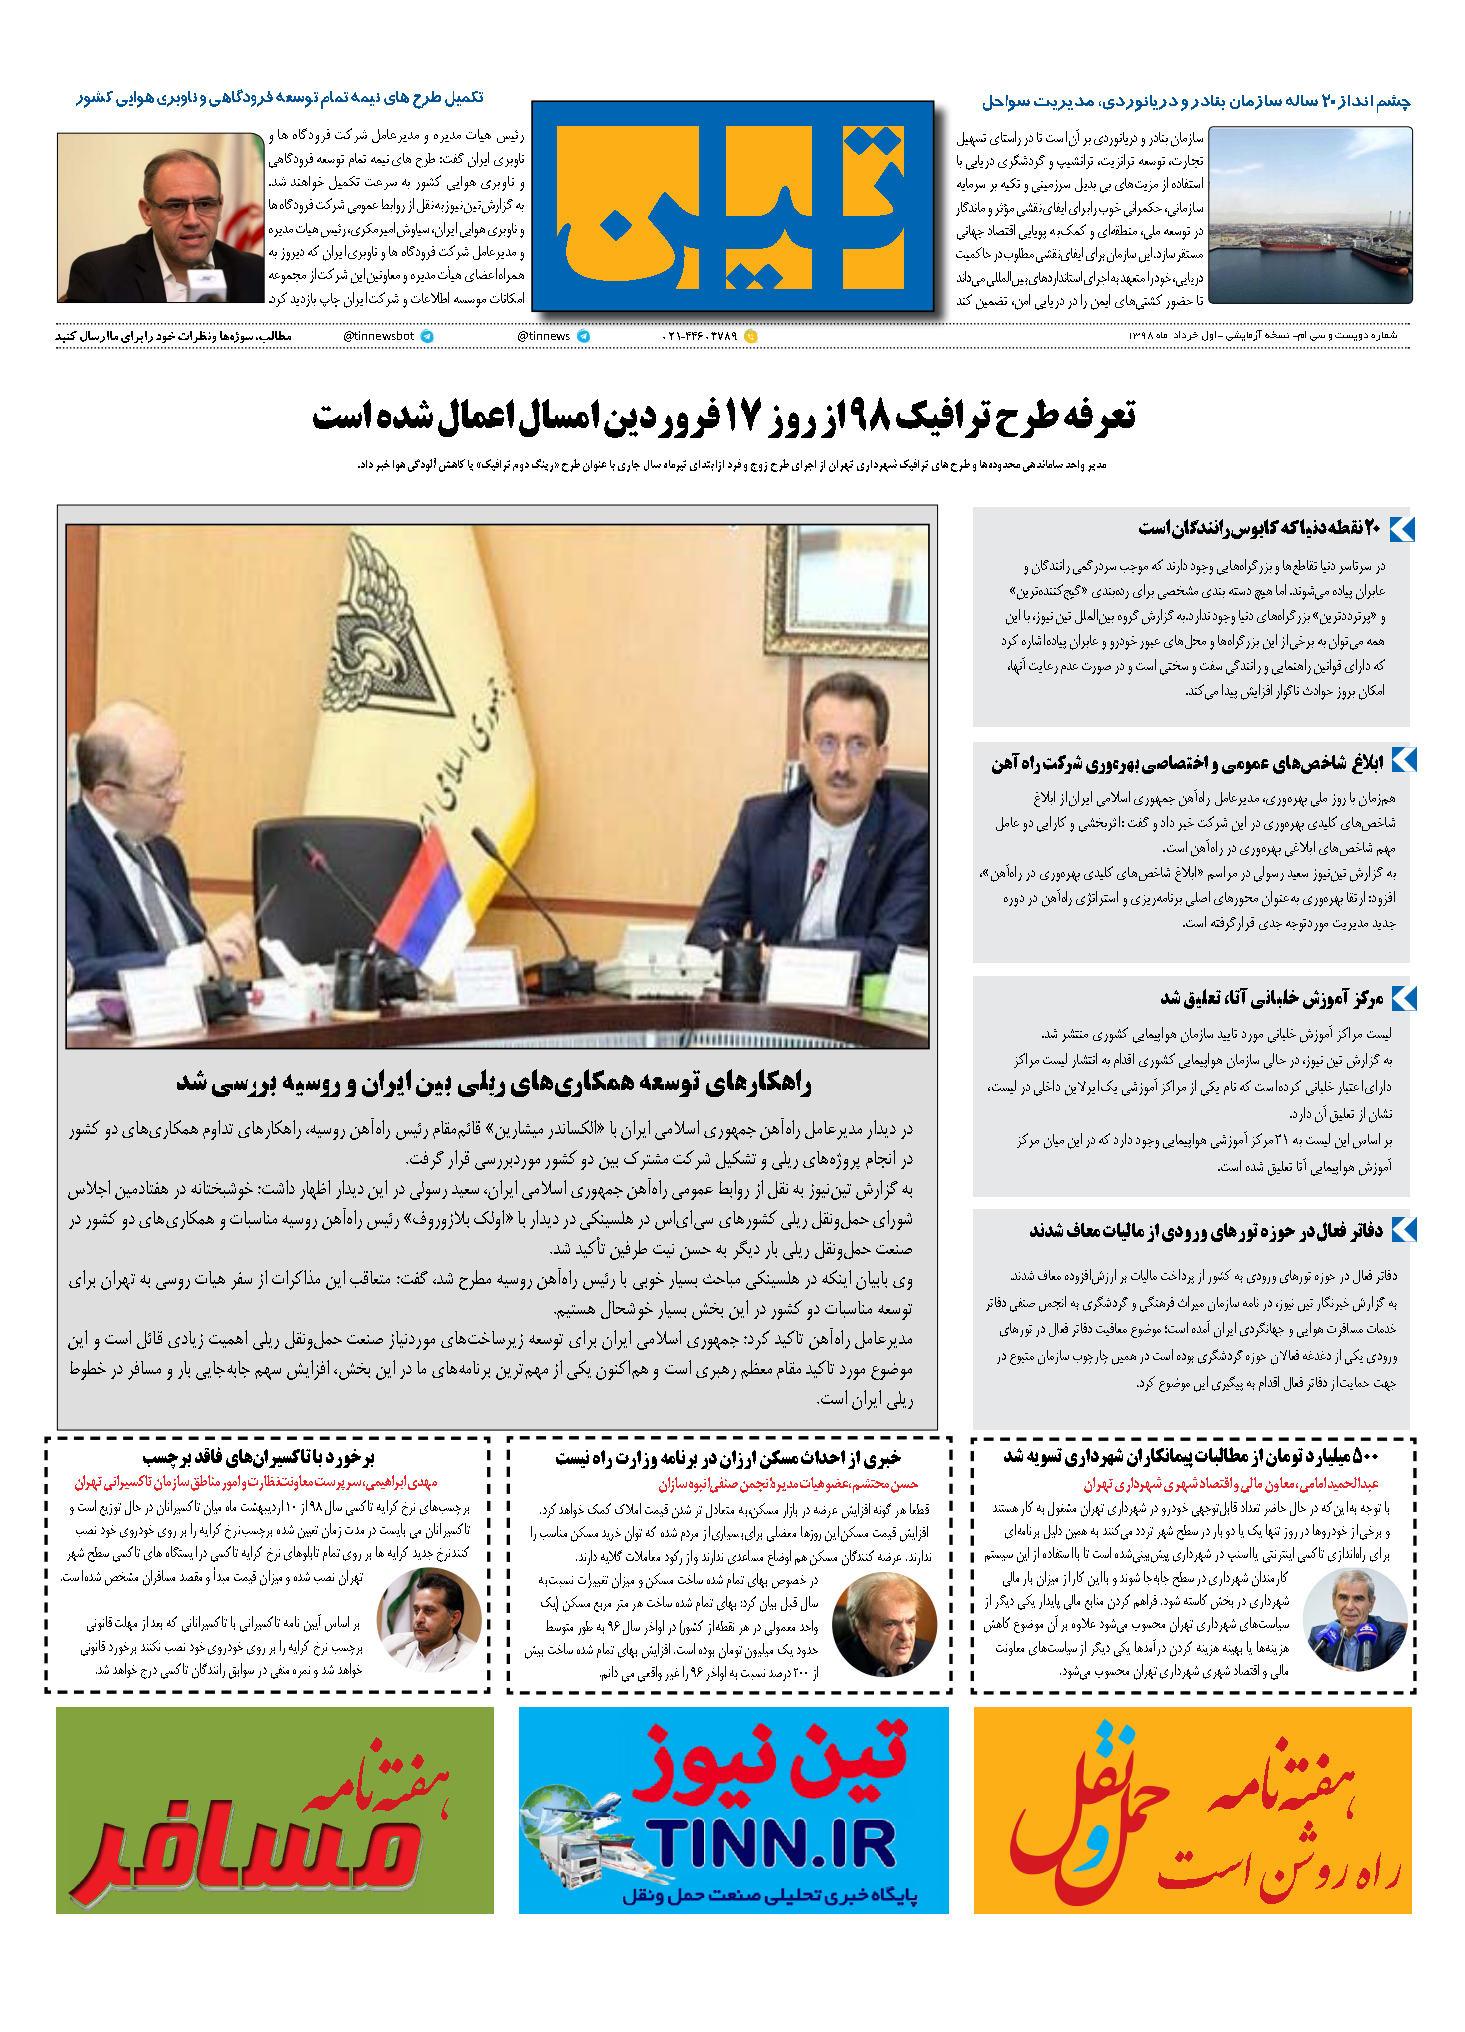 روزنامه الکترونیک 1 خرداد ماه 98